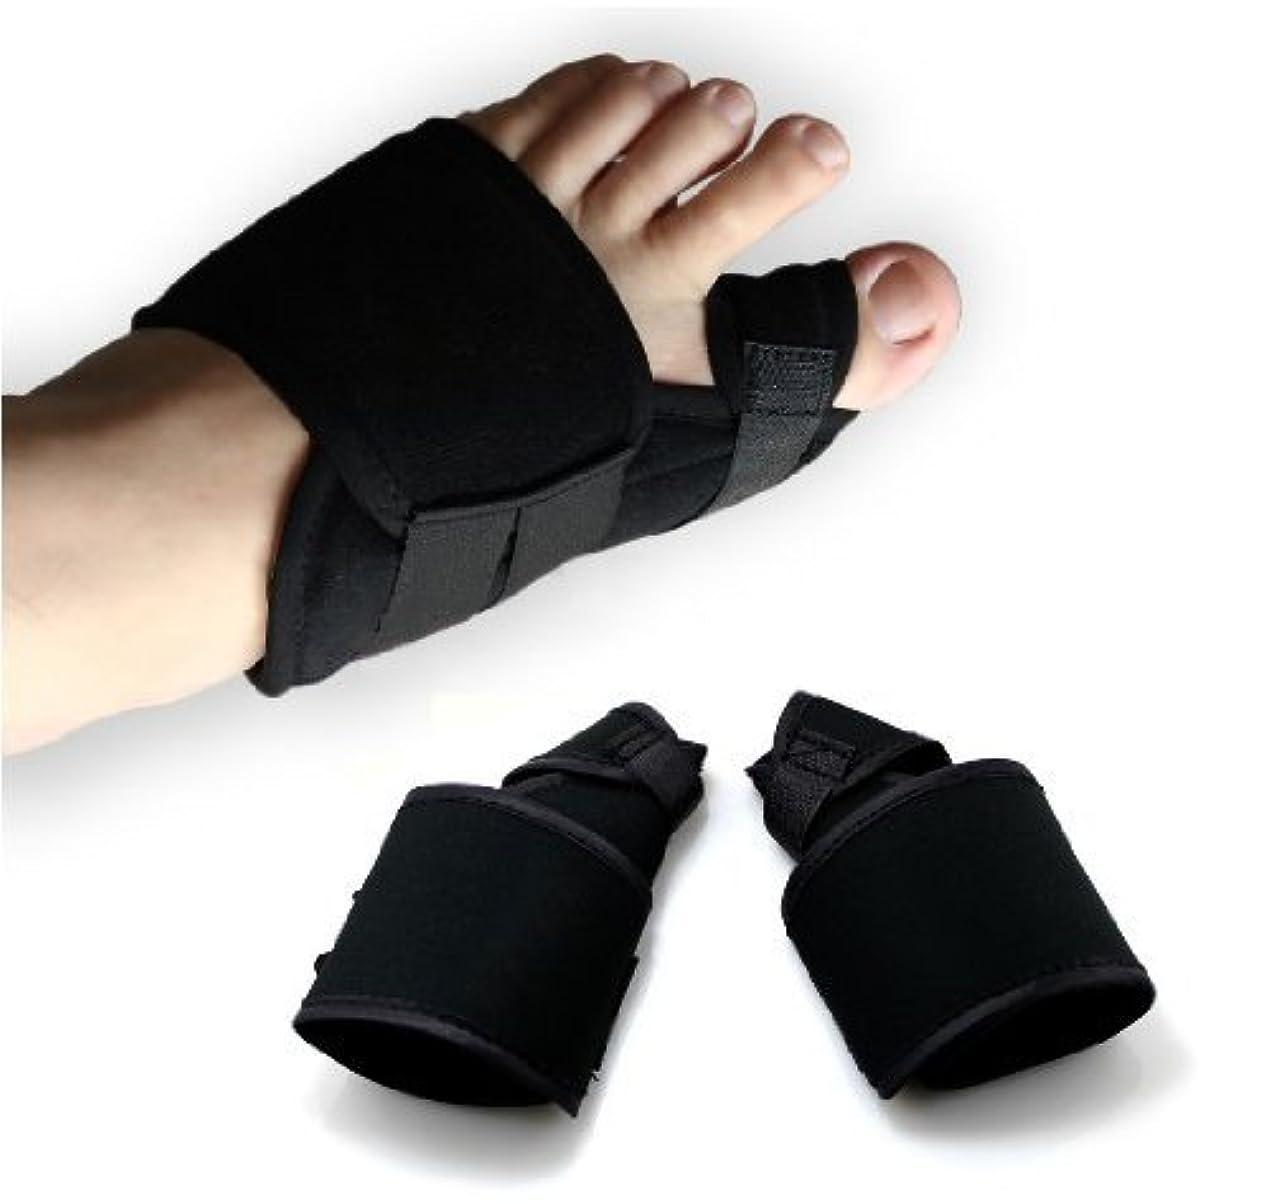 十分な興奮子UTOKY 外反母趾サポーター 両足セット 辛い痛みを抑える外反母趾サポーター